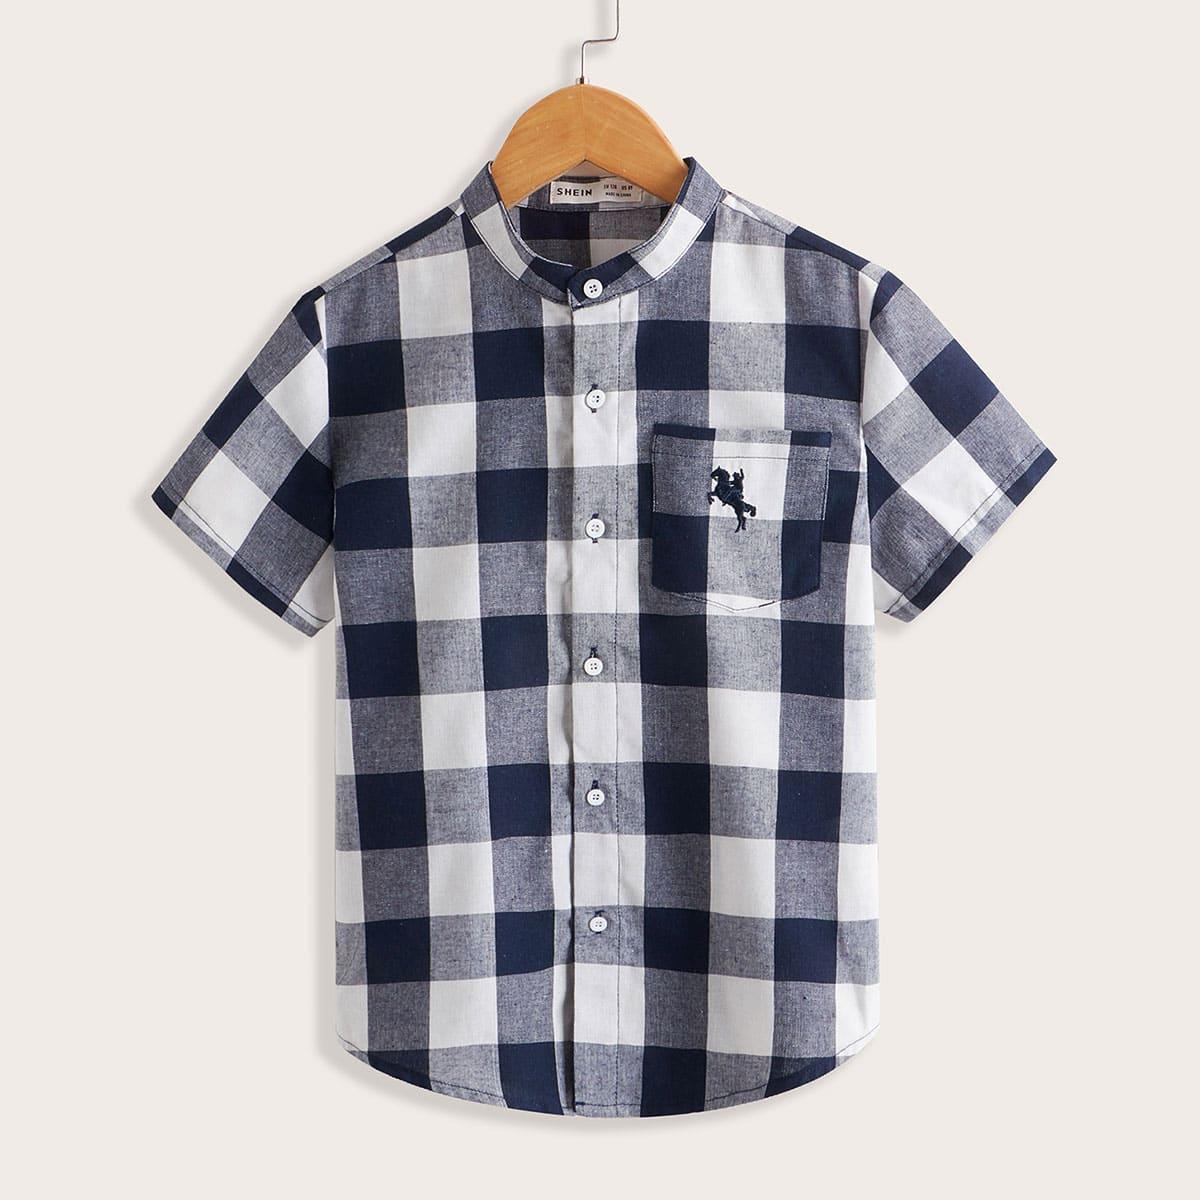 Рубашка с вышивкой и карманом в клетку для мальчиков